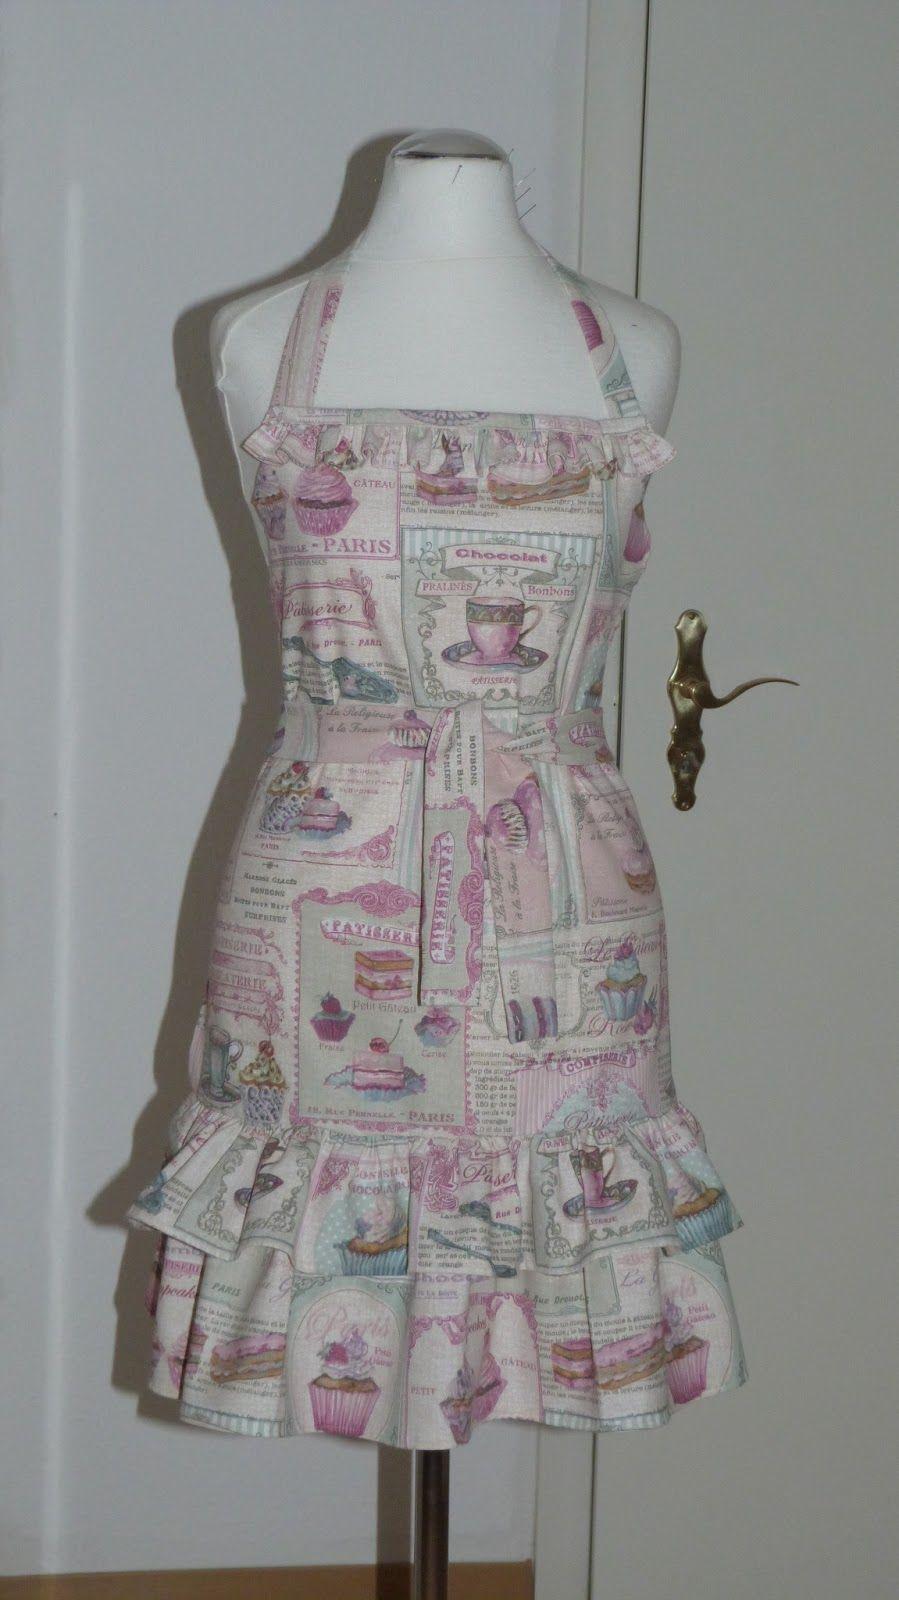 Yulivee-Fashion: süße Schürze | Schürze | Pinterest | Schürze, Süß ...